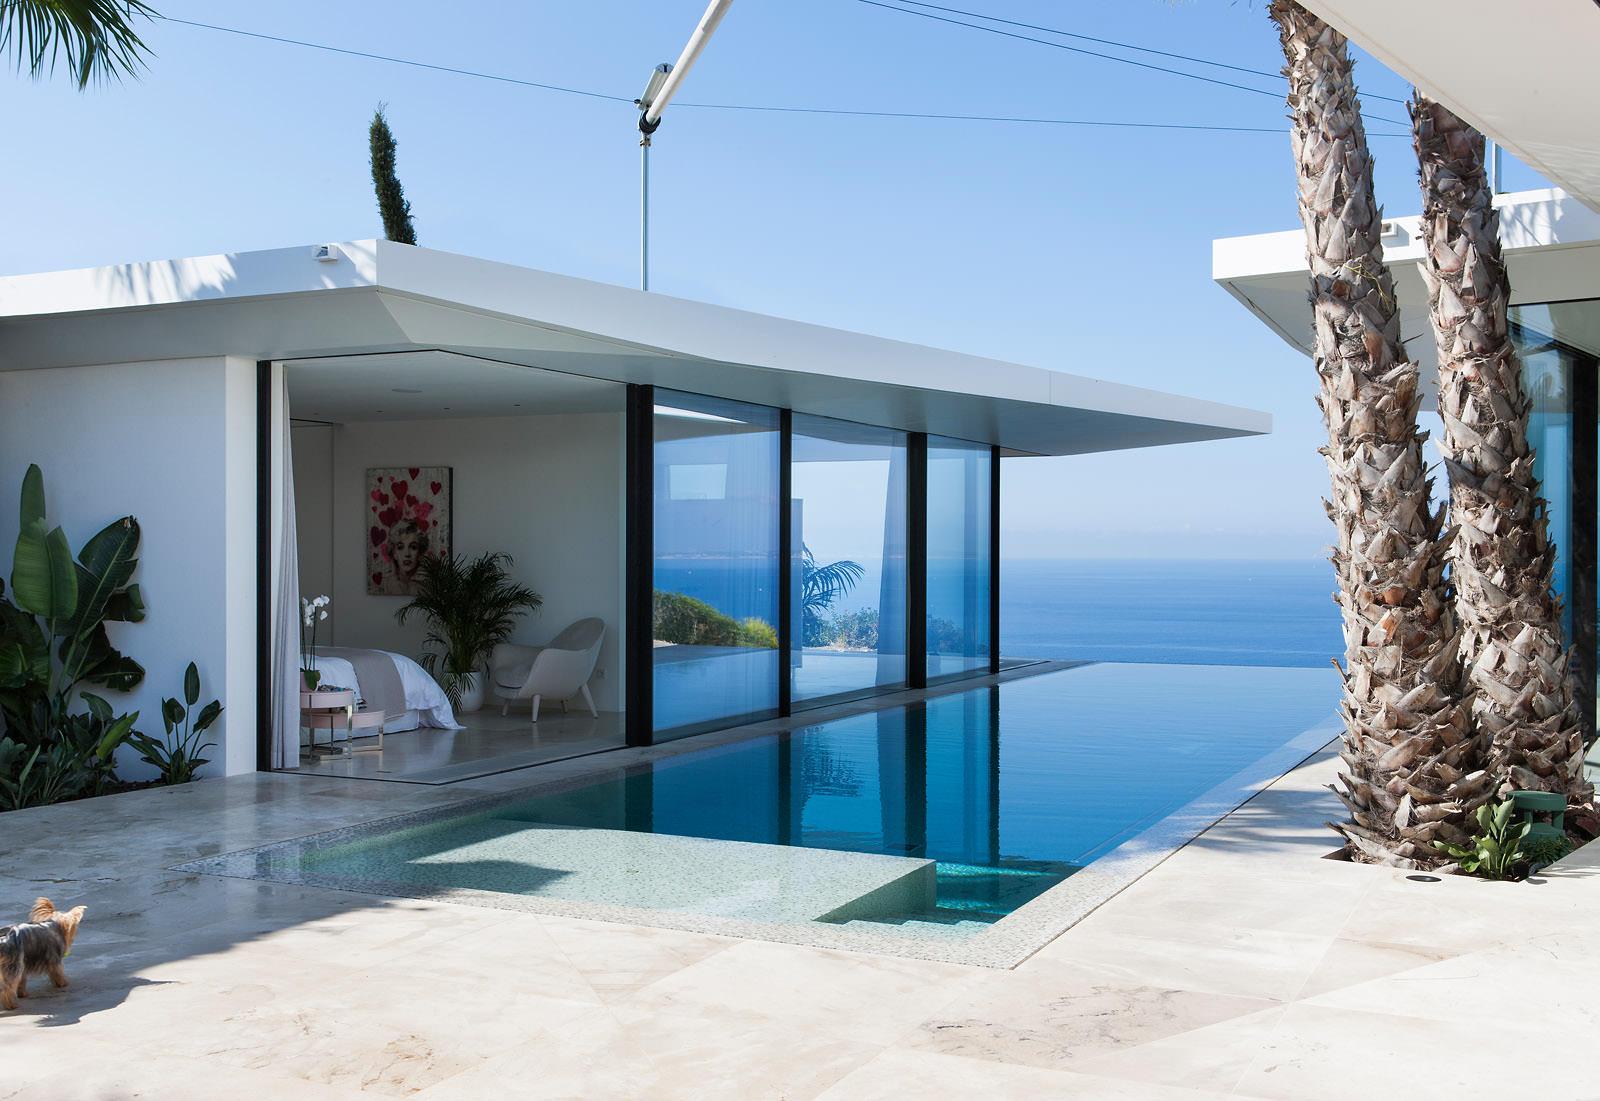 einrichtungsreferenz von seipp wohnen auf mallorca. Black Bedroom Furniture Sets. Home Design Ideas